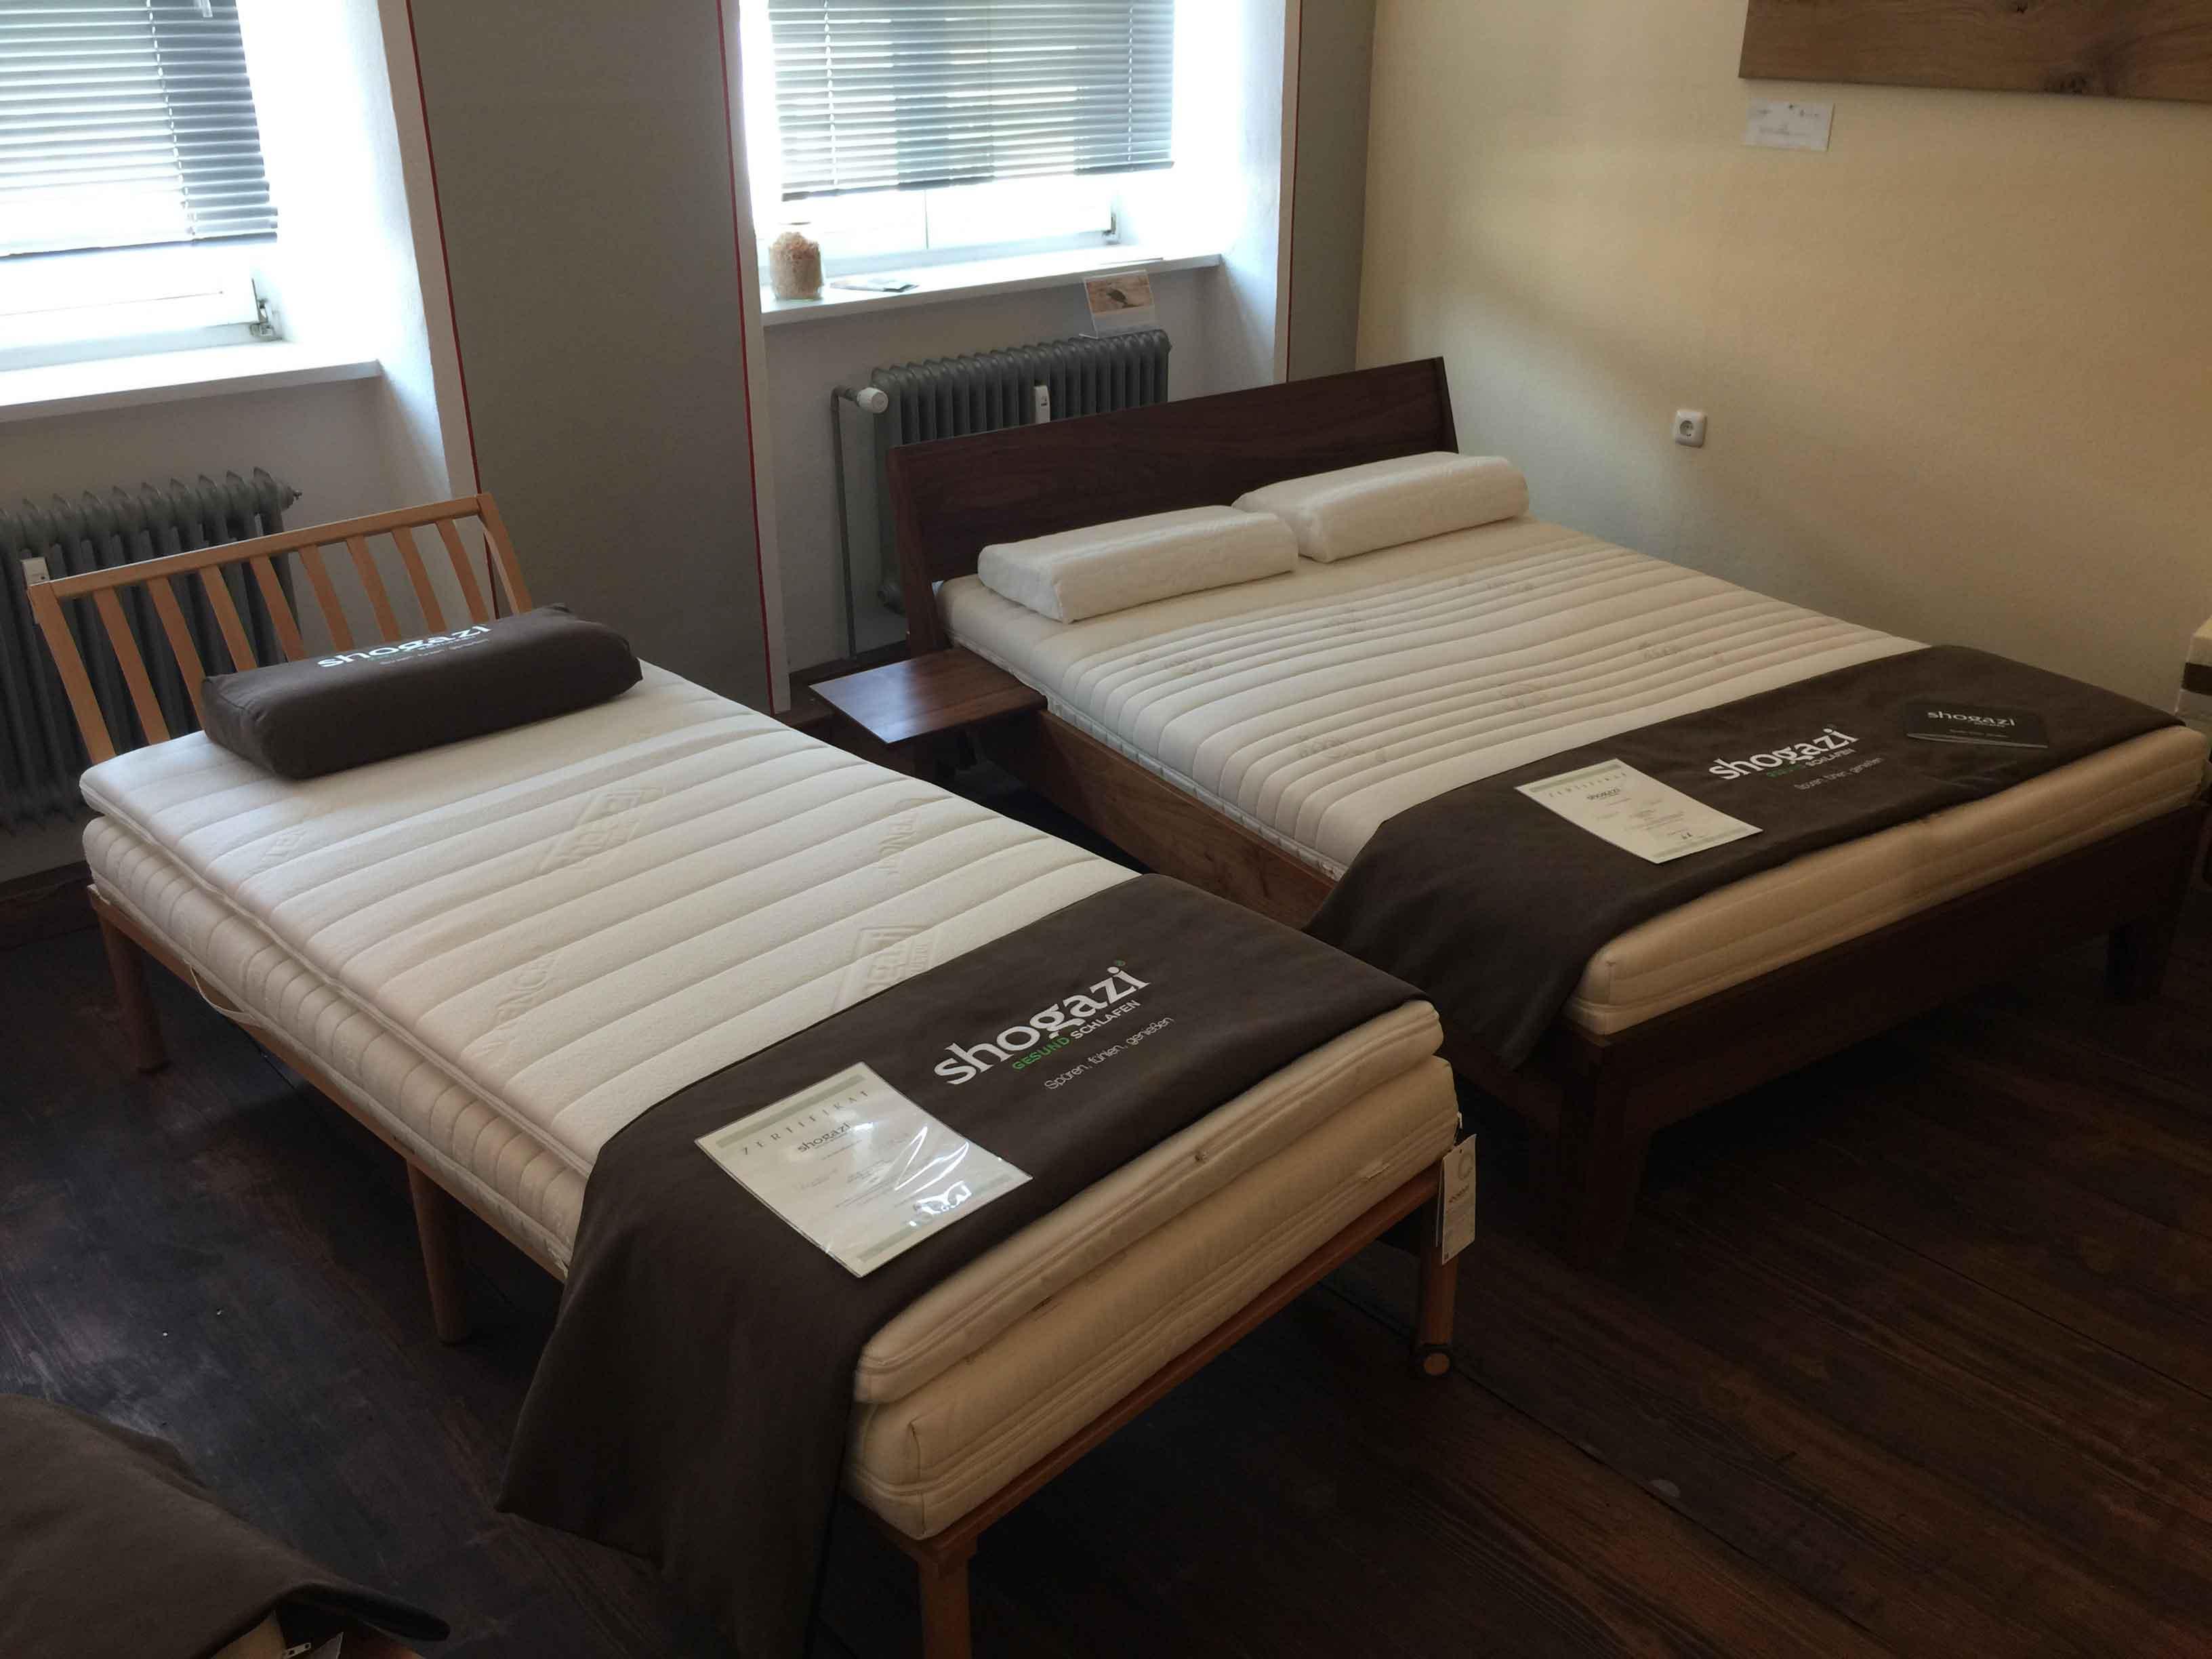 Matratzen Landshut für den anspruchsvollen Kunden